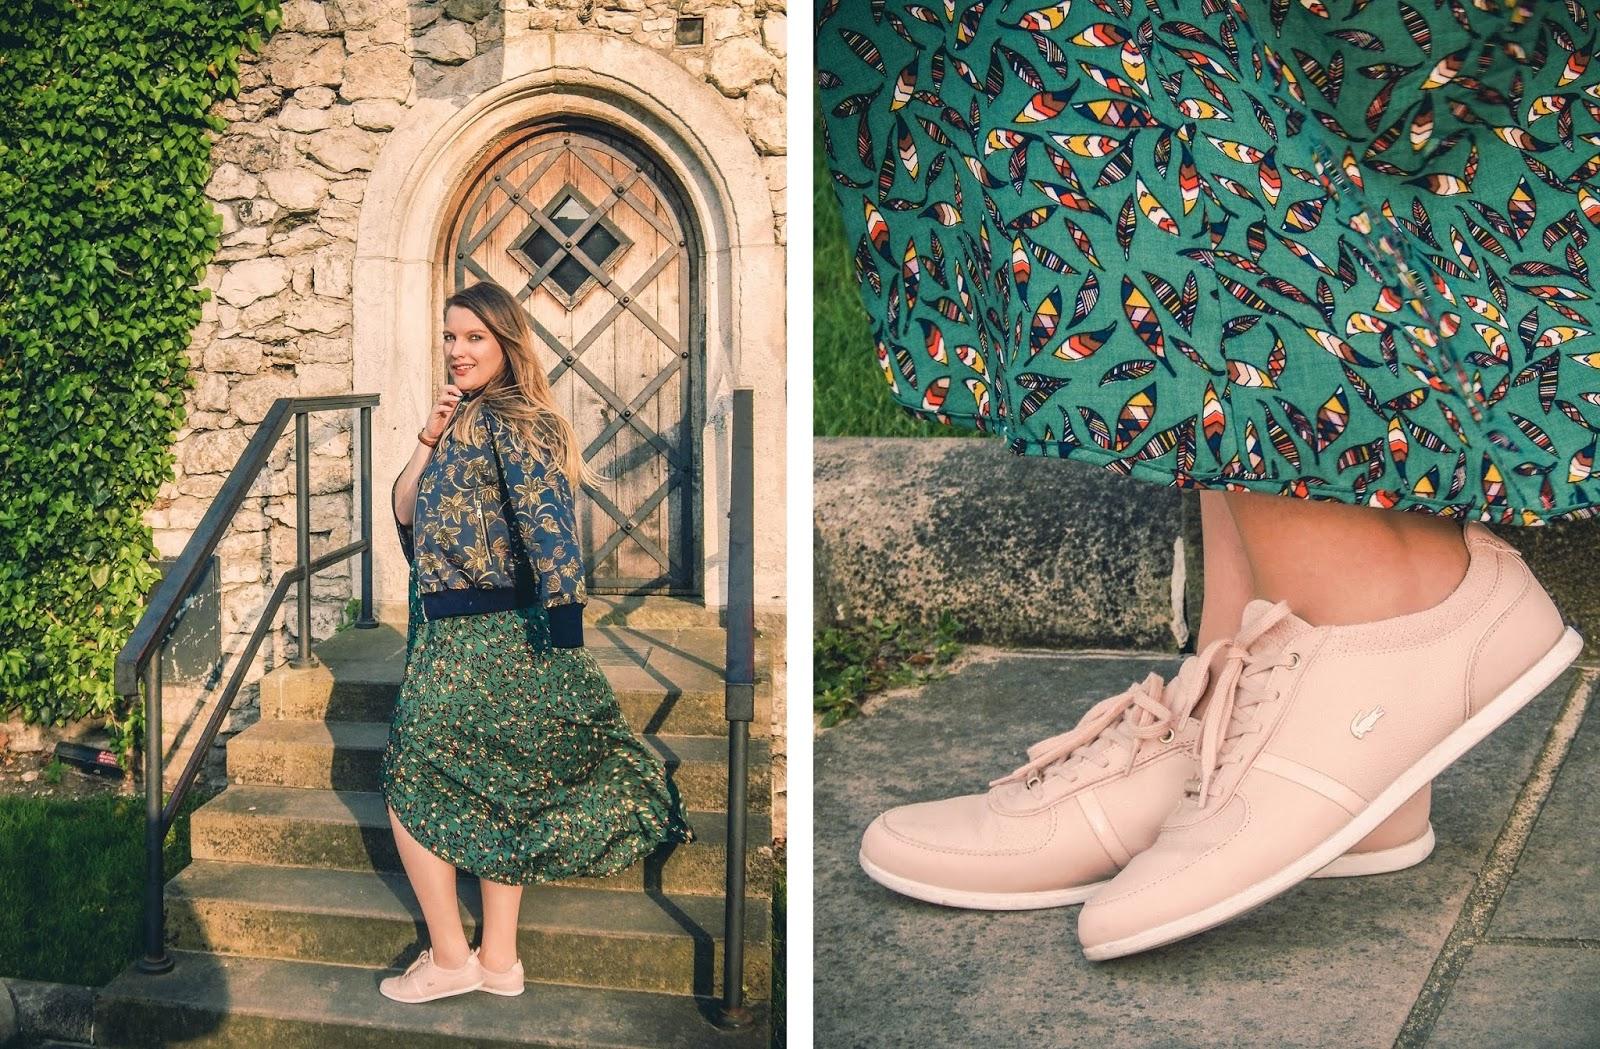 9 stylizacja polskie blogi modowe streetwear daniel wellington pracownia fio ciekawe polskie młode marki modowe odzieżowe instagram melodylaniella